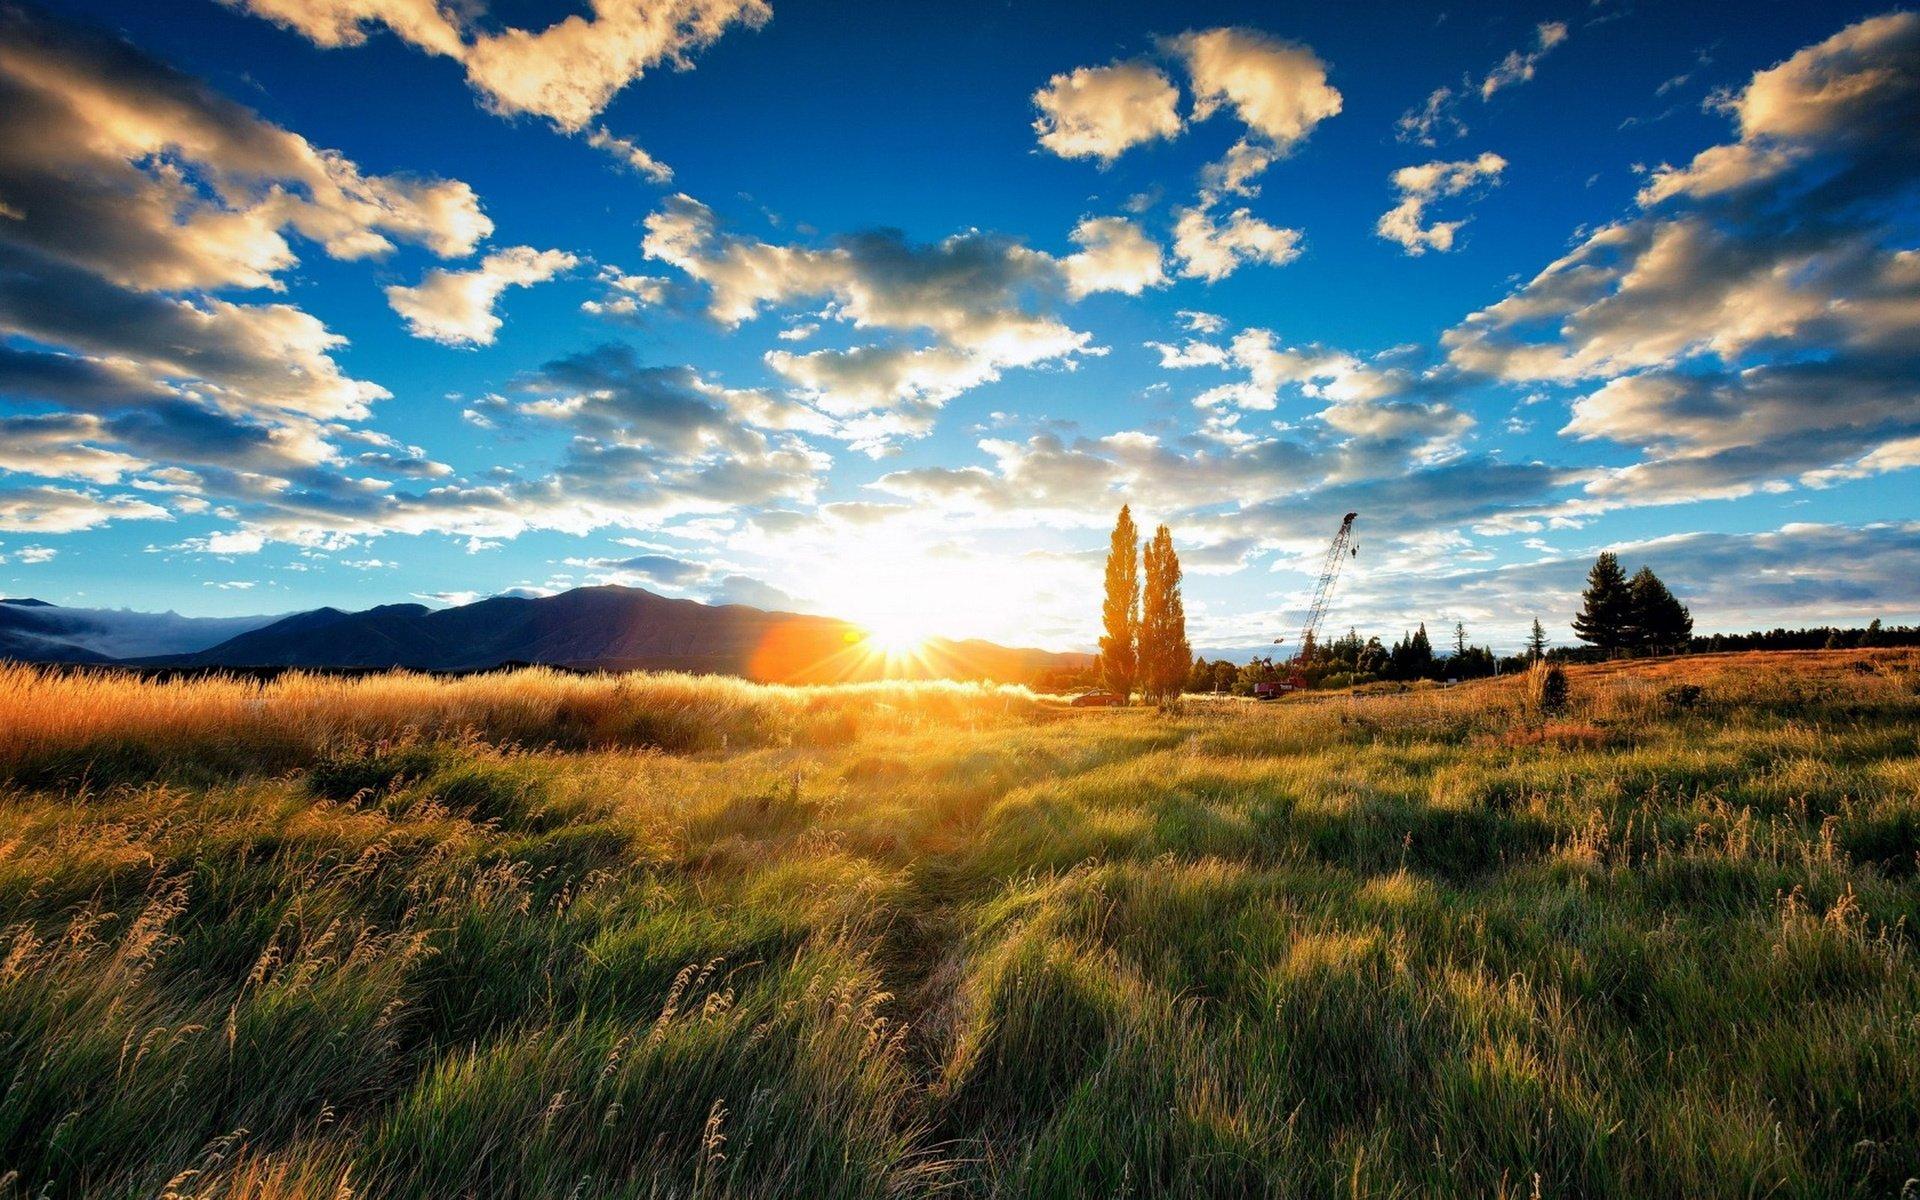 более, восход солнца в поле фото уже